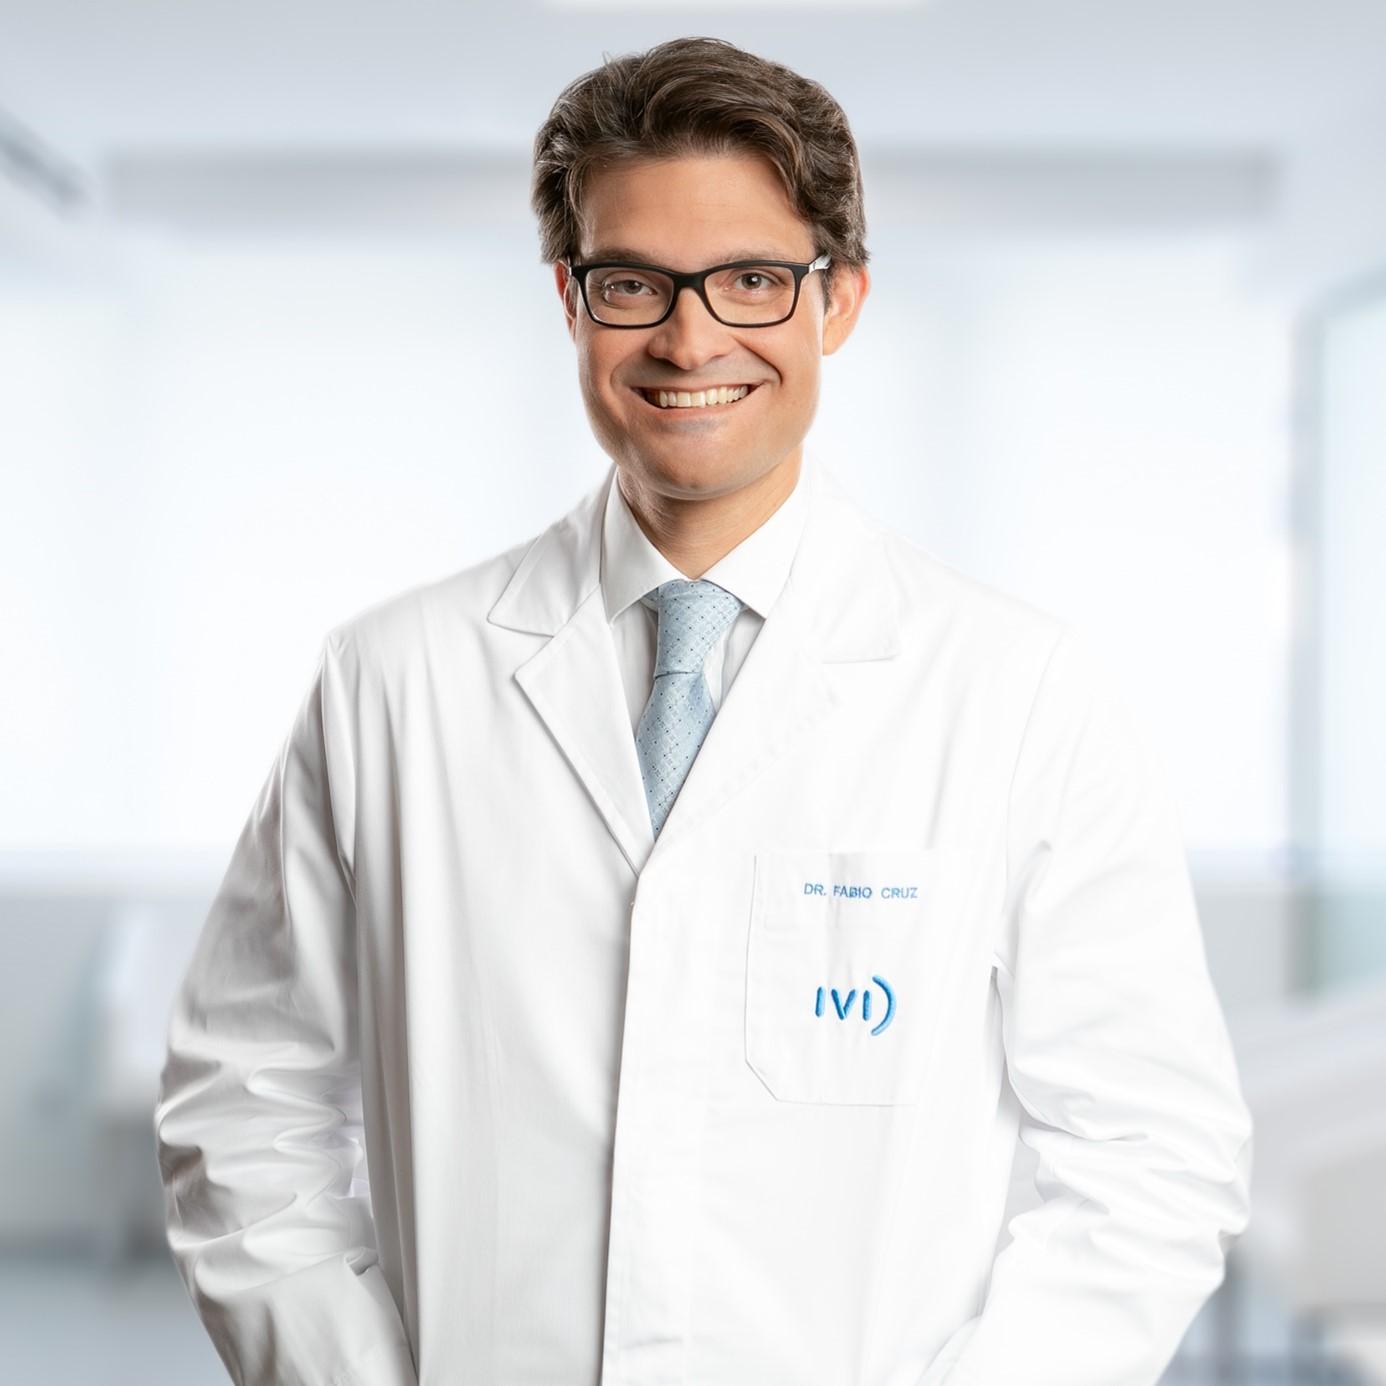 Fábio Cruz, M.D.